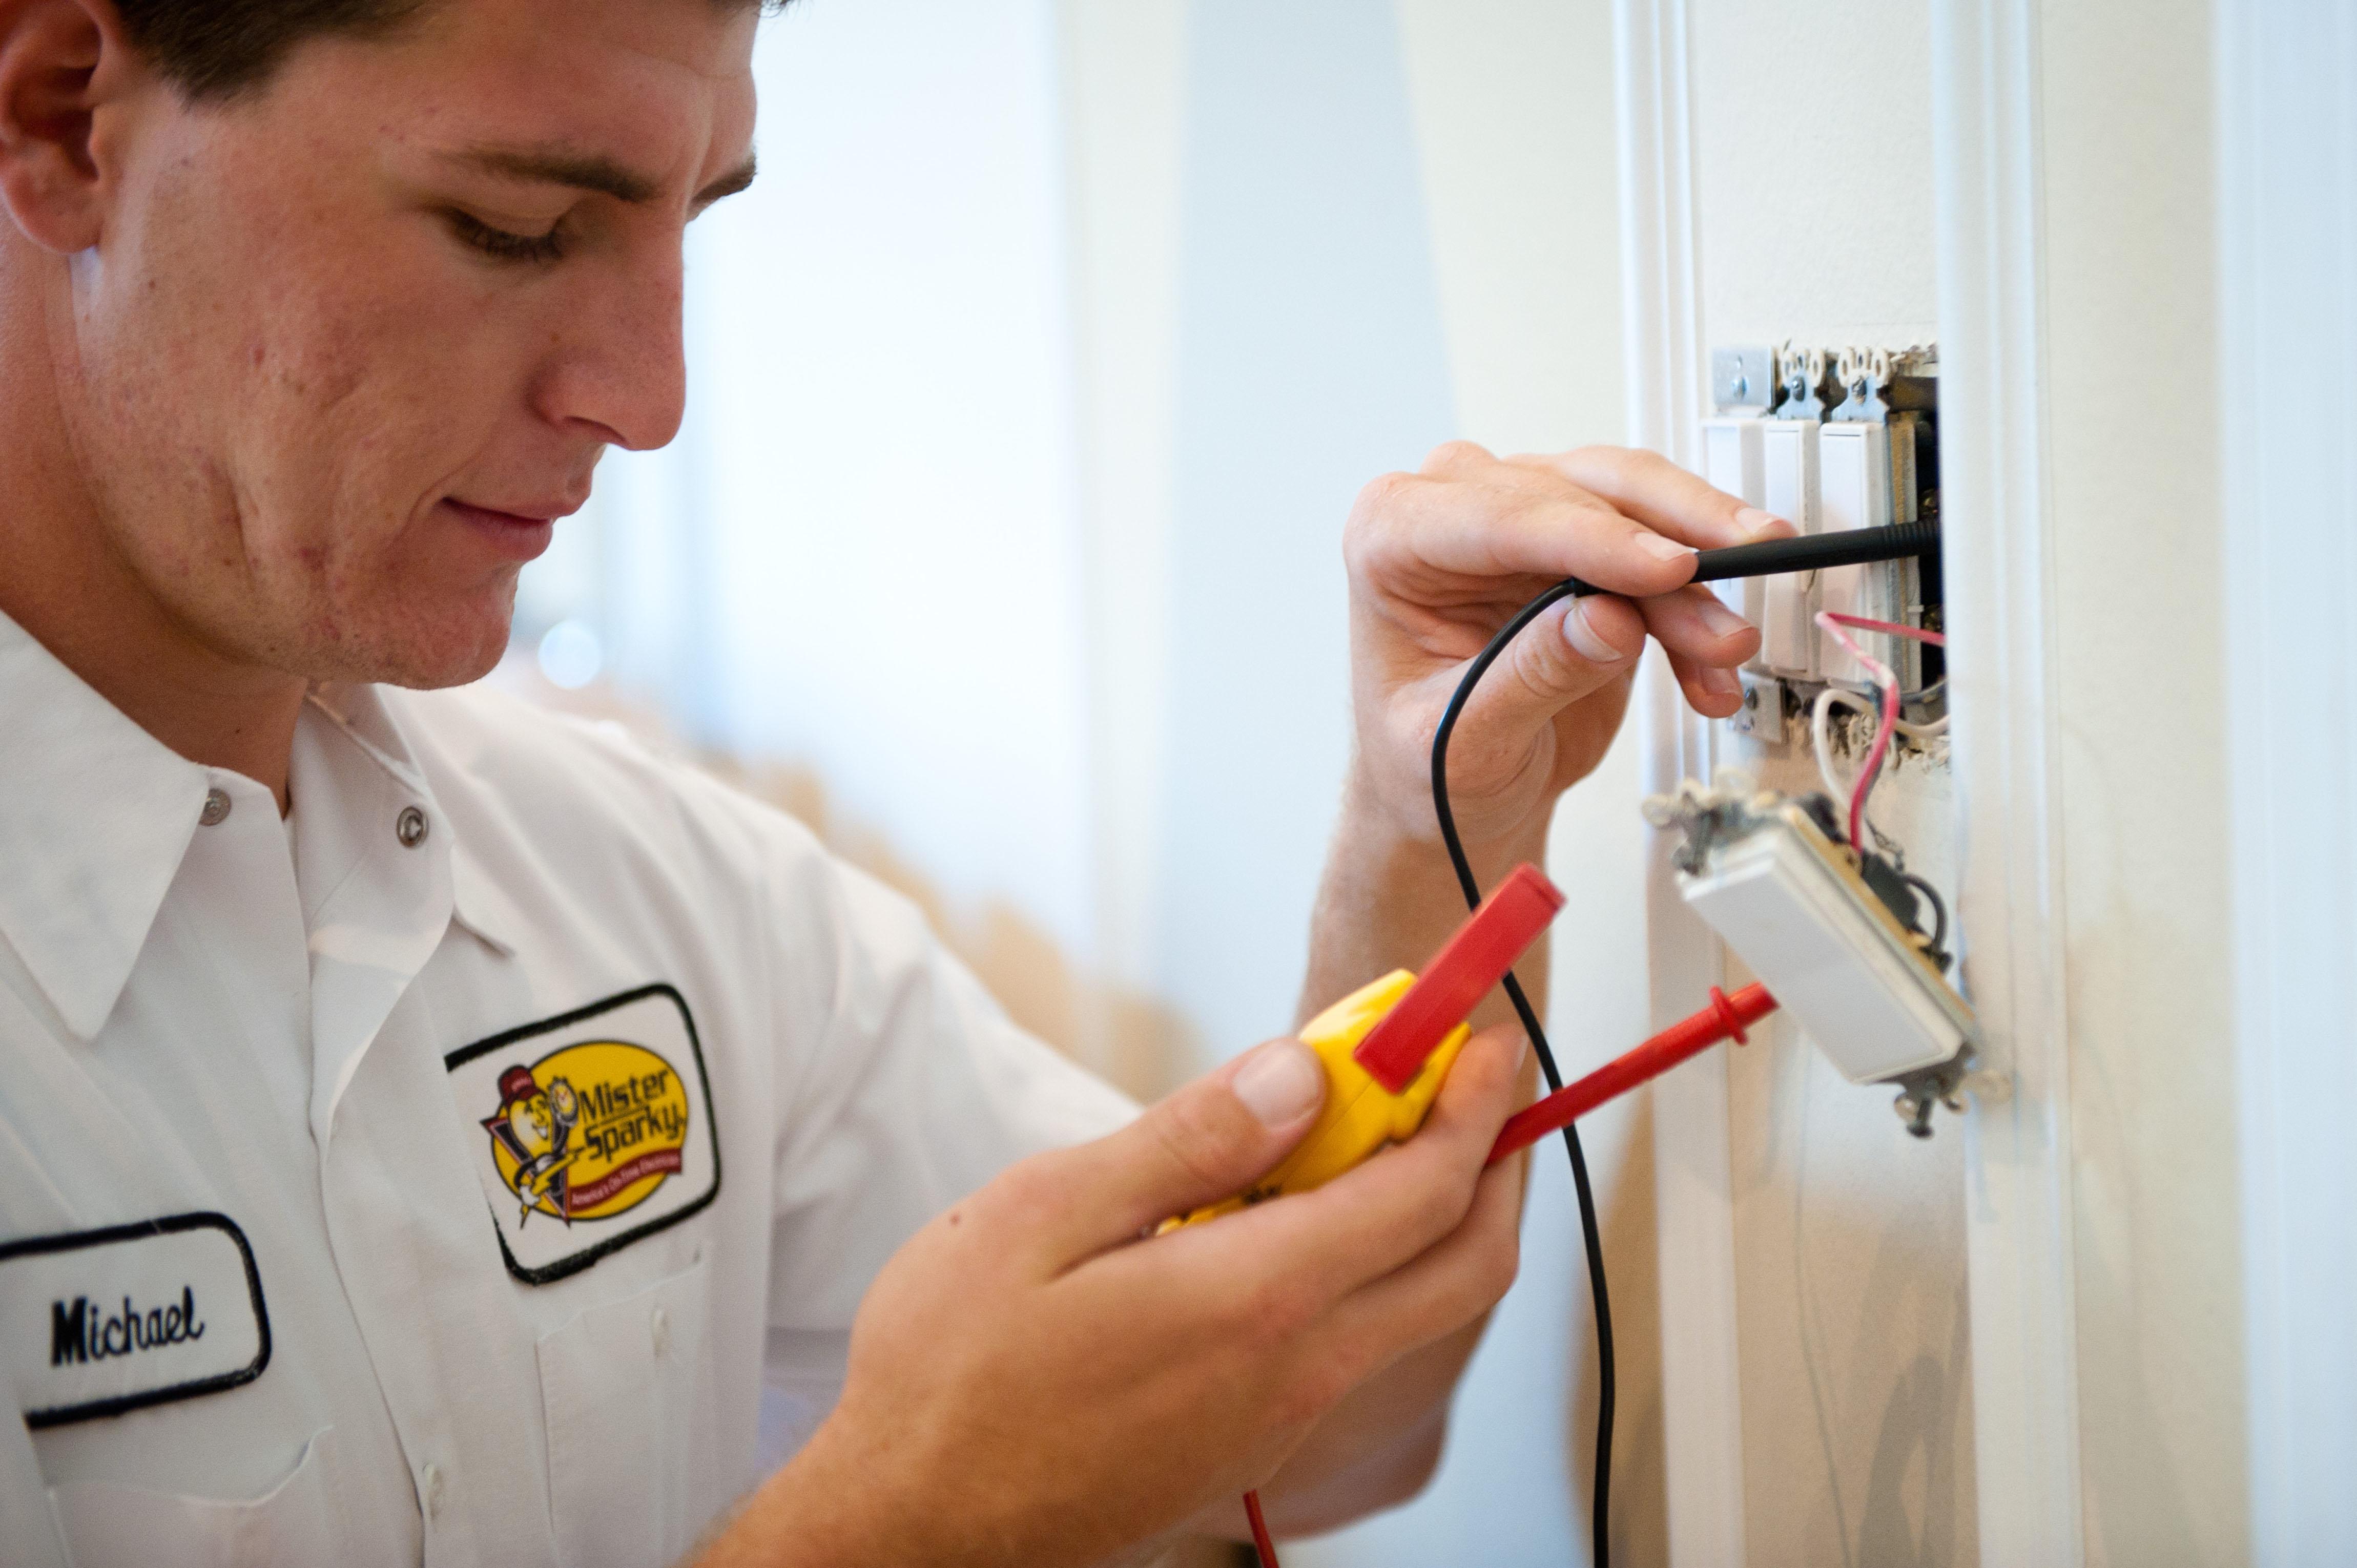 Mister Sparky Electrician Katy image 9